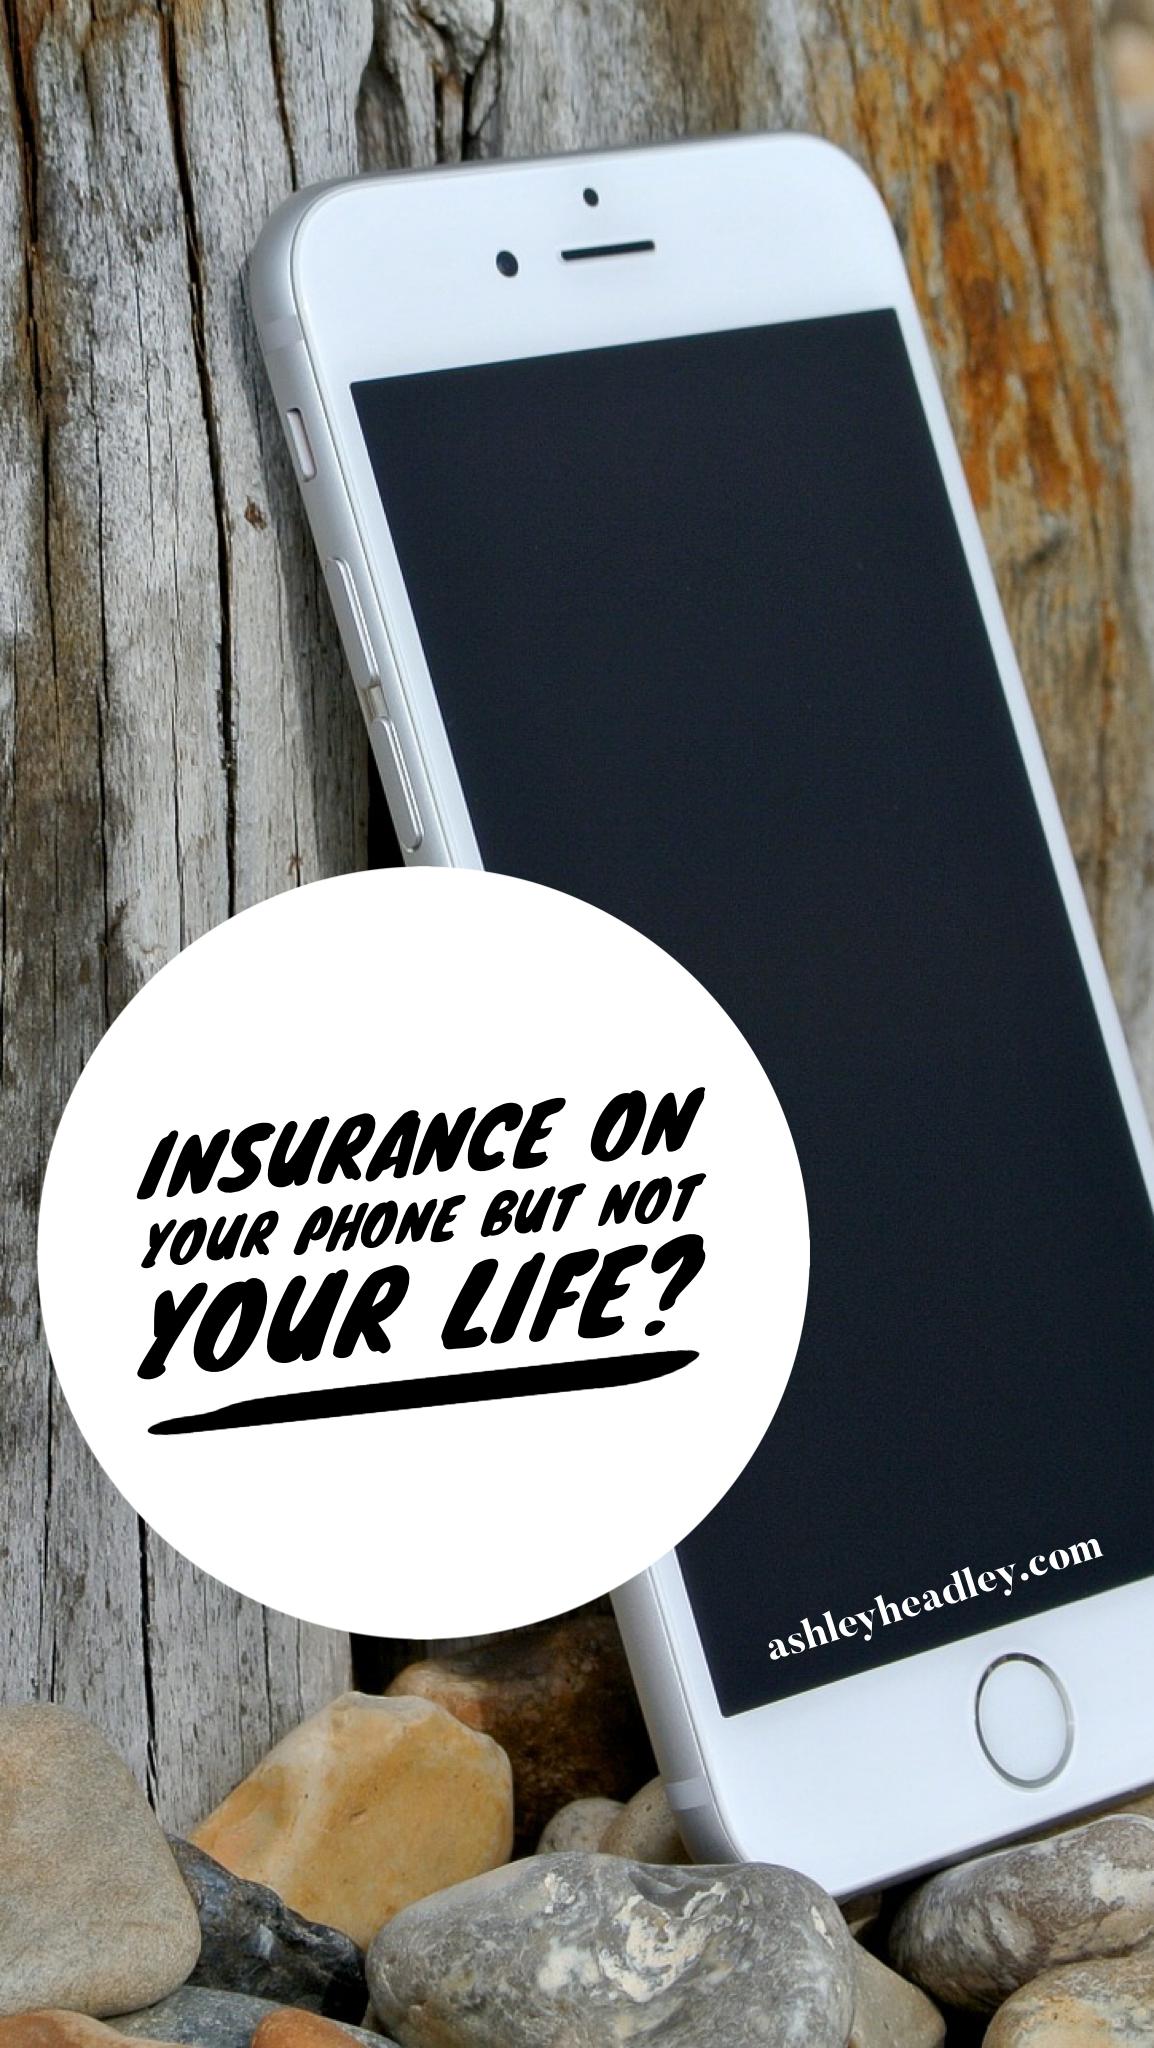 State farm insurance by Ashley Headley on Ashley Headley